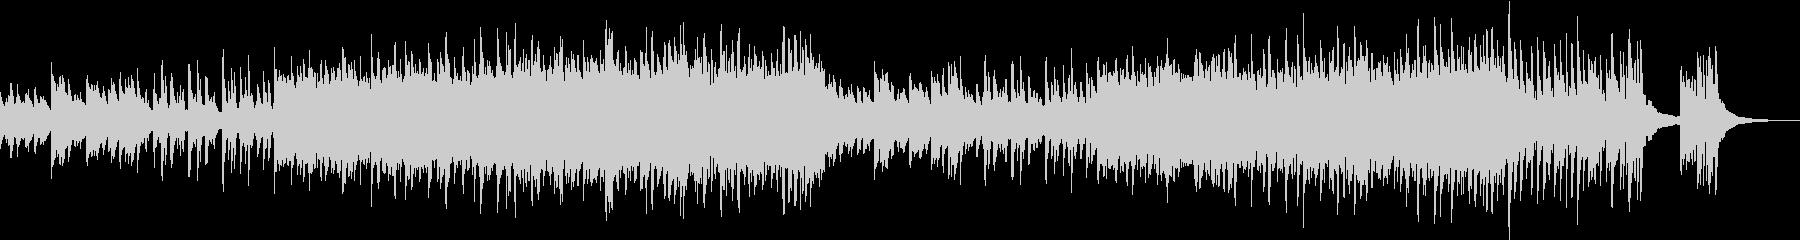 切ないピアノの応援ソングの未再生の波形